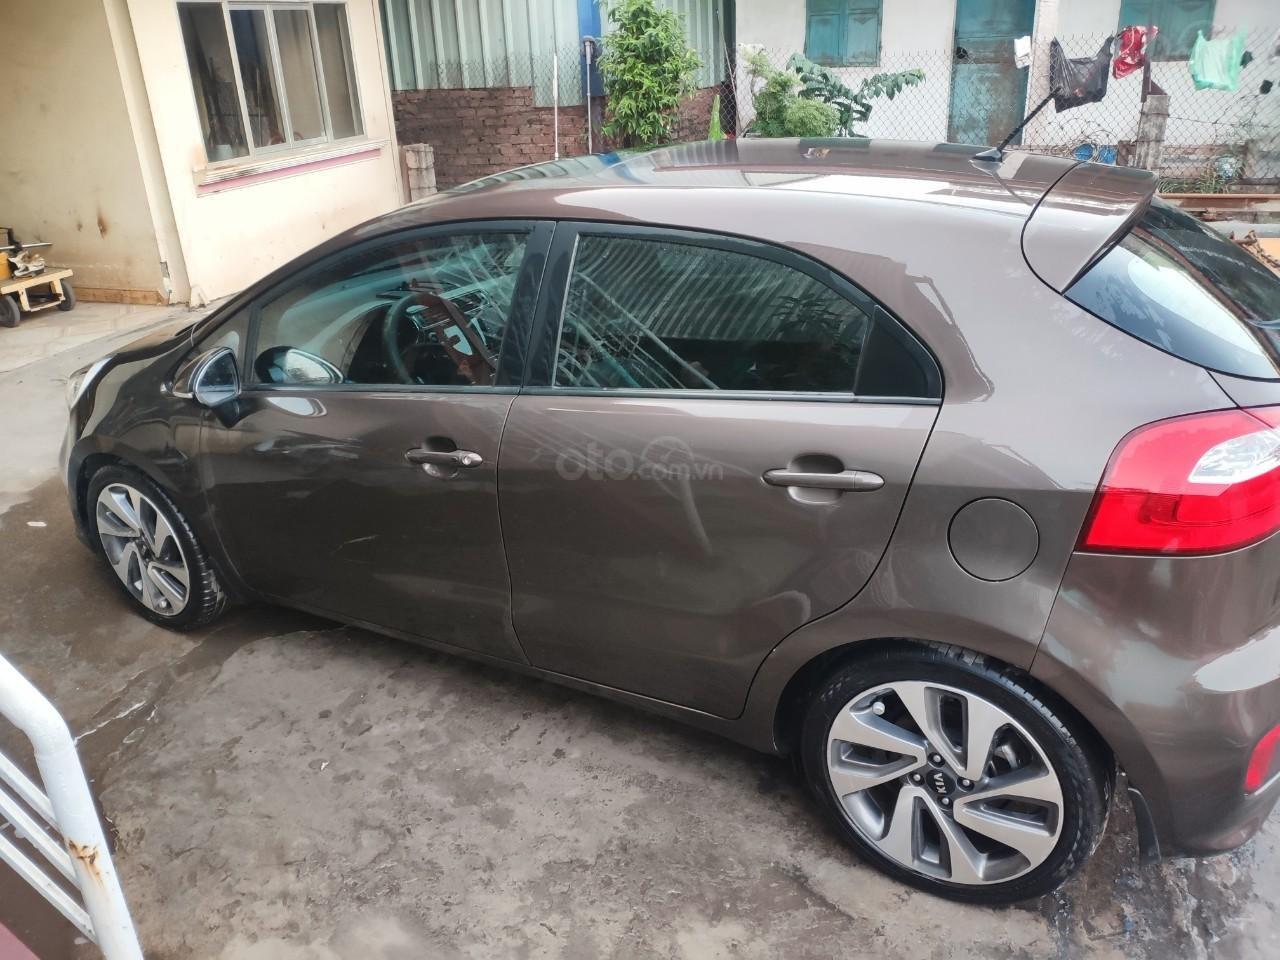 Chính chủ bán xe Kia Rio 2015, màu nâu, nhập khẩu LH: 0942126662 (3)